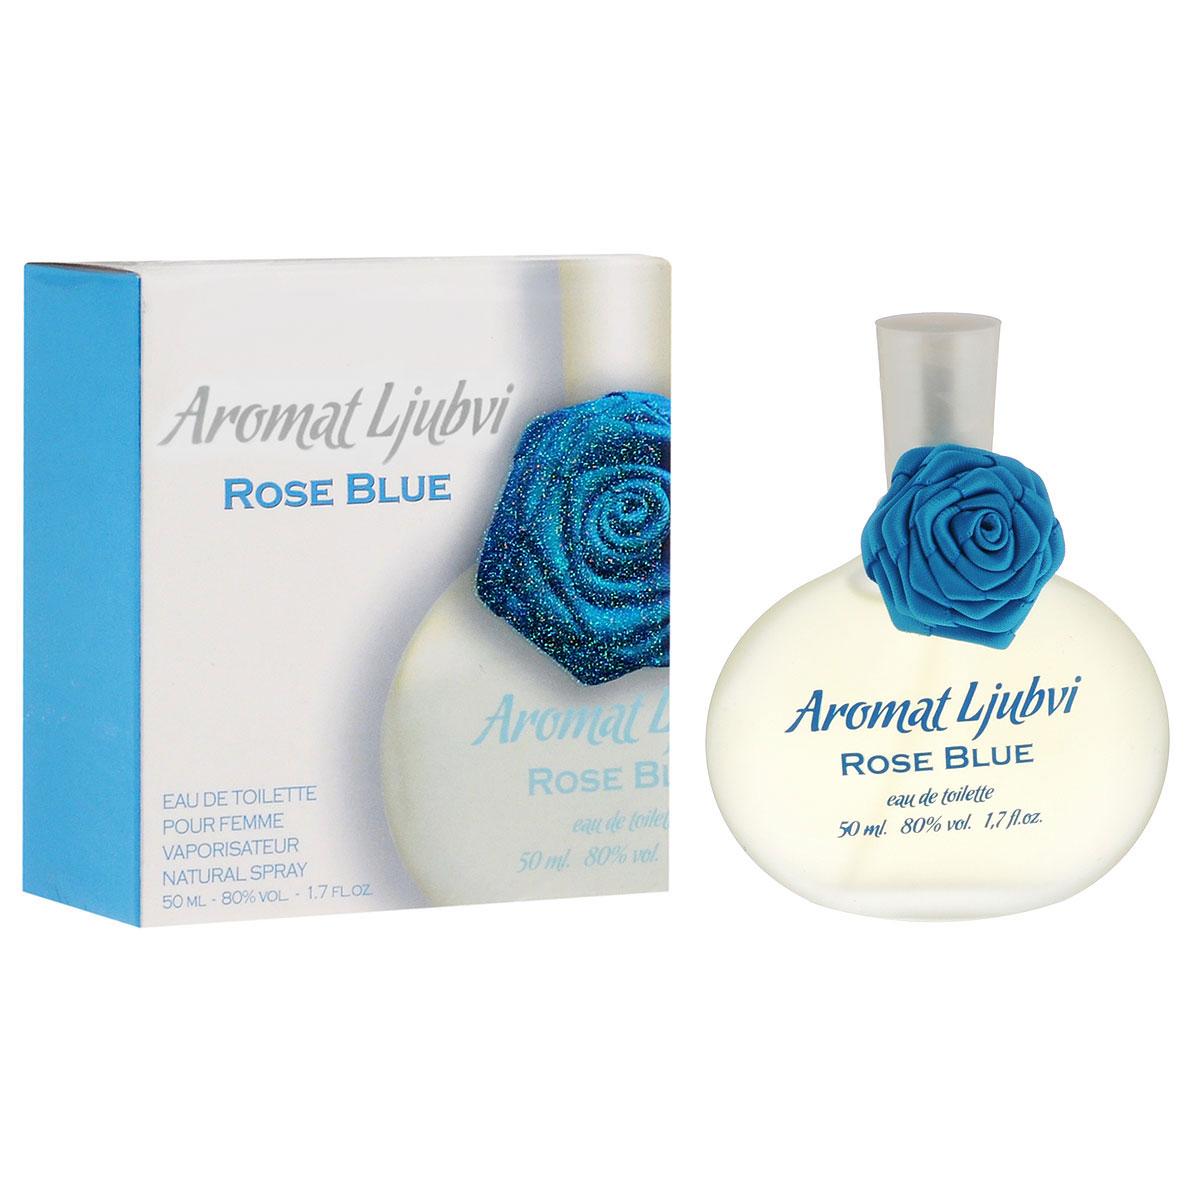 Apple Parfums Туалетная вода Aromat Ljubvi. Rose Blue, женская, 50 мл41683Прекрасный легкий женский аромат Aromat Ljubvi. Rose Blue от Apple Parfums охватывает свою обладательницу волной свежести. Он пробуждает различные чувства, даря счастливые и жизнерадостные моменты.Классификация аромата: свежий, цветочный.Пирамида аромата:Верхние ноты: зеленые листья, травяные ноты.Ноты сердца: водяной аккорд.Ноты шлейфа:кедр, мускус. Ключевые словаСвежий, жизнерадостный!Туалетная вода - один из самых популярных видов парфюмерной продукции. Туалетная вода содержит 4-10%парфюмерного экстракта. Главные достоинства данного типа продукции заключаются в доступной цене, разнообразии форматов (как правило, 30, 50, 75, 100 мл), удобстве использования (чаще всего - спрей). Идеальна для дневного использования.Товар сертифицирован.